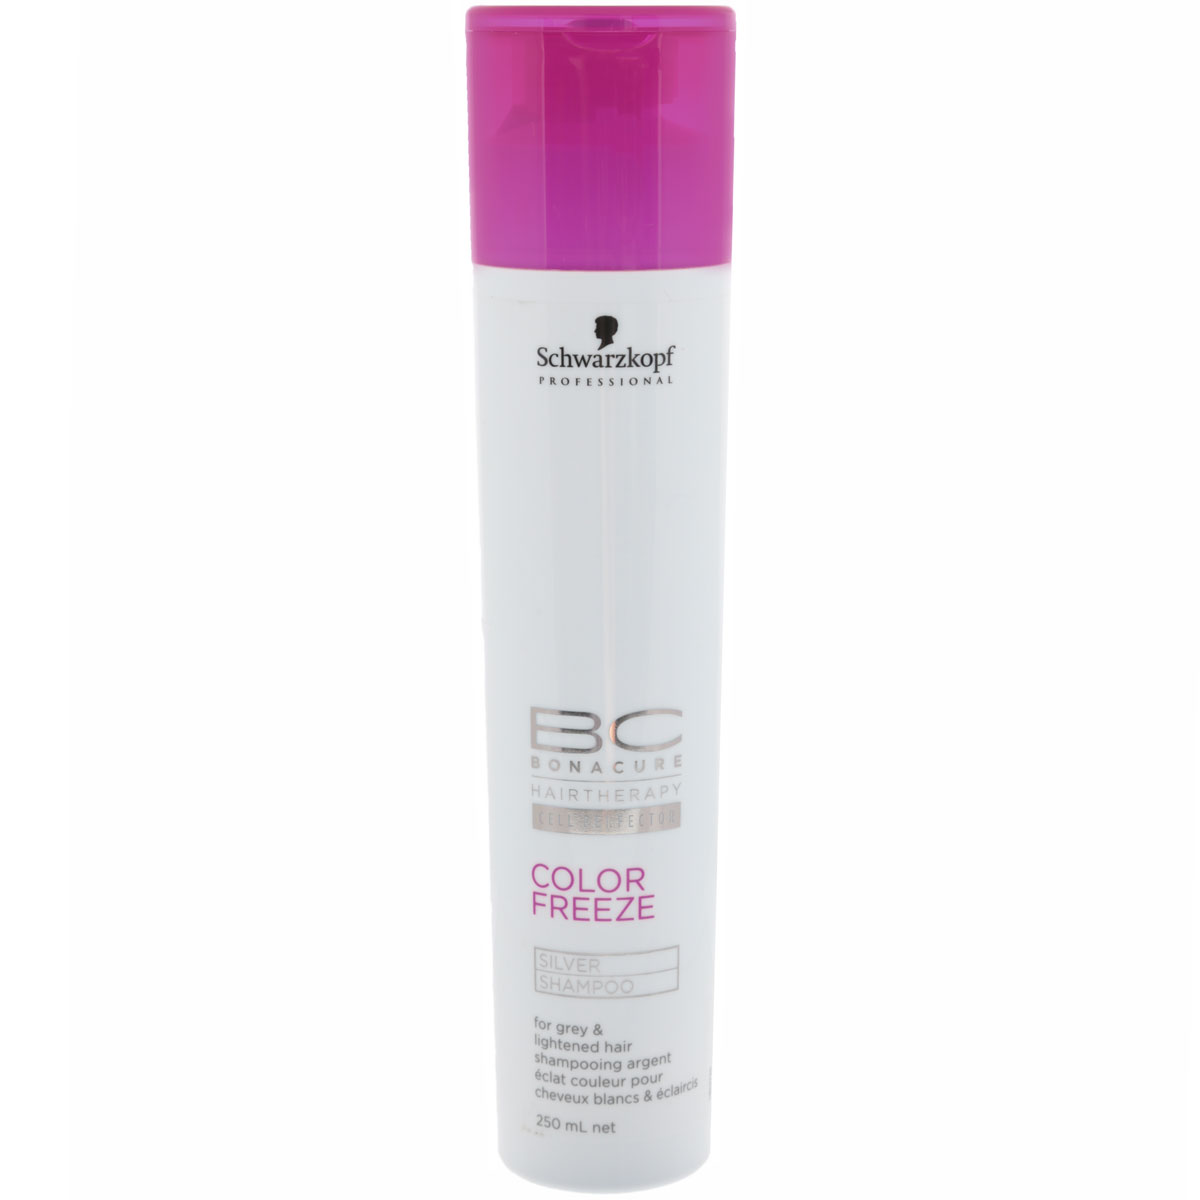 Bonacure Шампунь для волос придающий серебряный оттенок волосам Color Freeze Silver Shampoo 250 млFS-54114Шампунь Bonacure Color Freeze, придающий серебристый оттенок волосам, деликатно и эффективно очищает окрашенные волосы и кожу головы. Укрепляет структуру волос и удерживает оптимальный уровень pH 4.5, сводит потерю цвета к 0. Нейтрализует теплые оттенки и придает холодный оттенок волосам. Для окрашенных волос. Рекомендуется использовать в комплексе с продуктами ухода линейки BC Color Freeze.